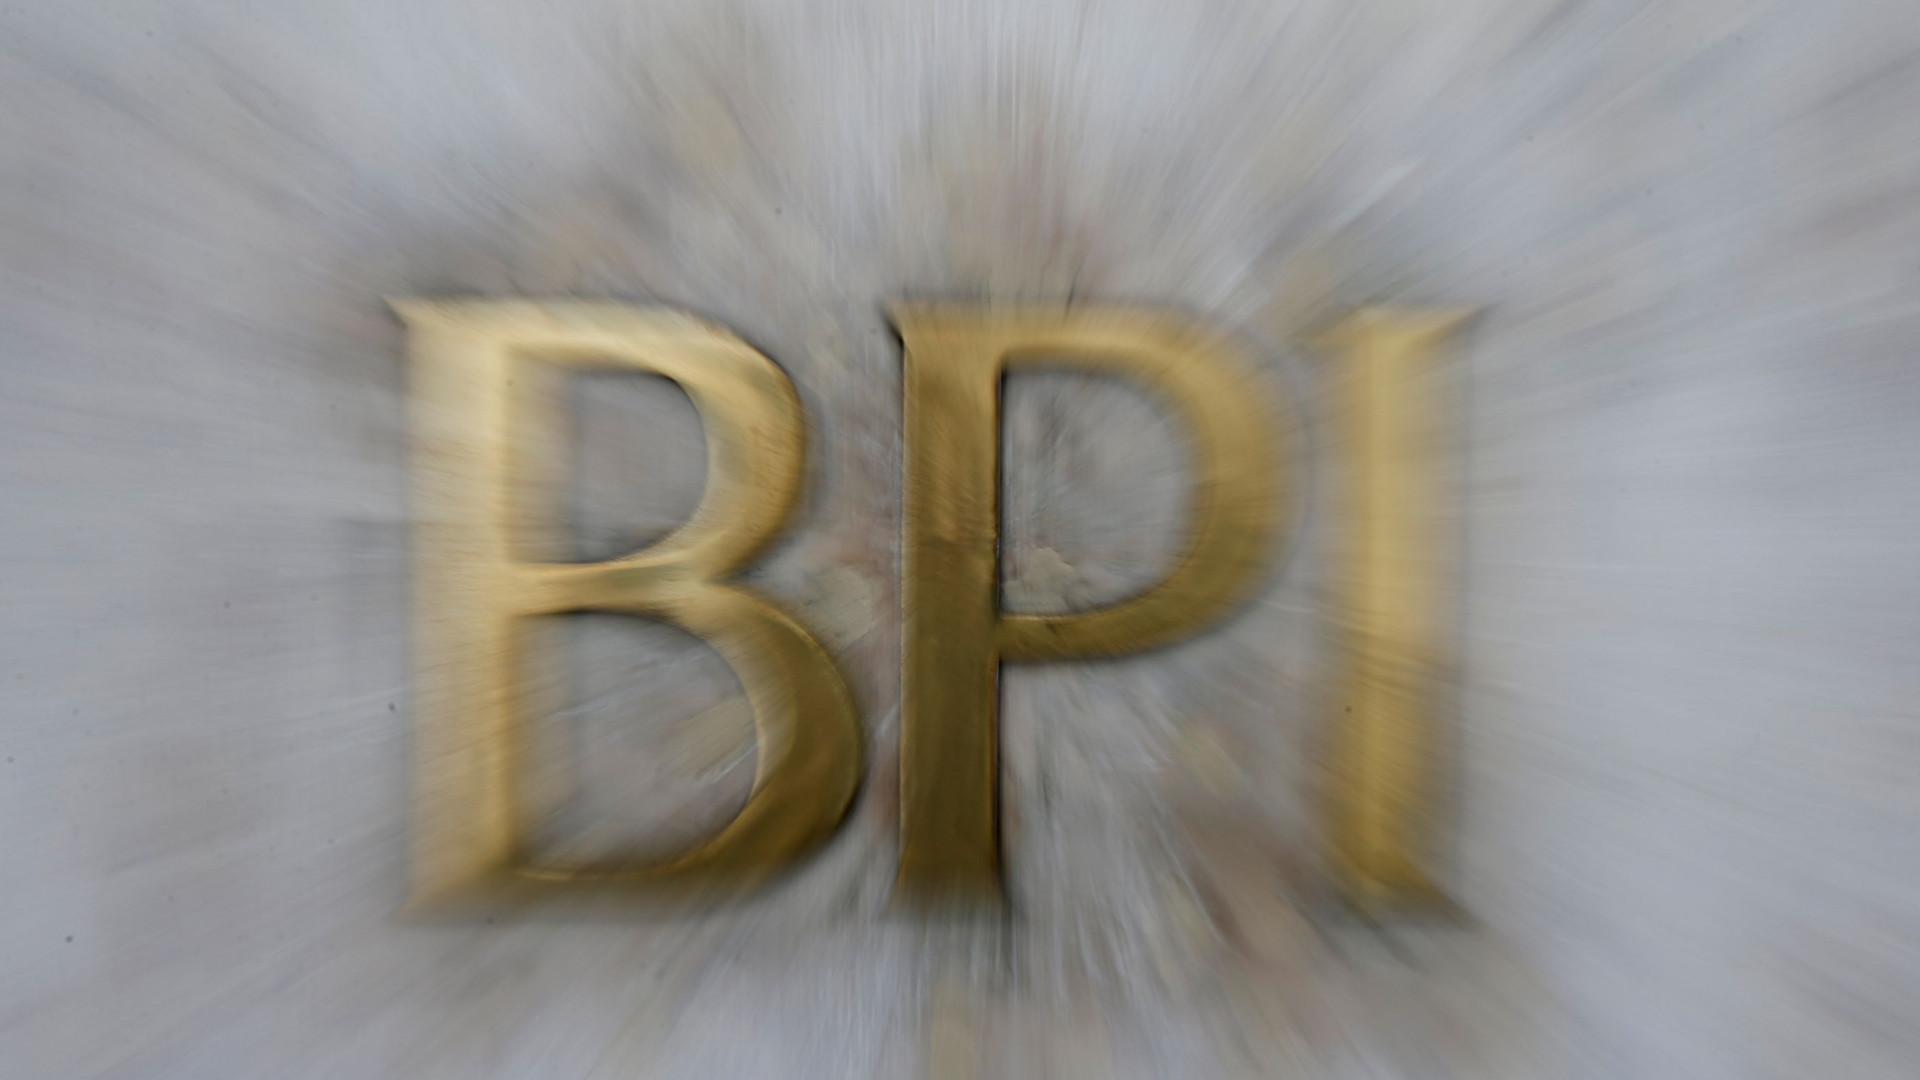 BPI em processo de venda de 200 milhões de euros de crédito malparado